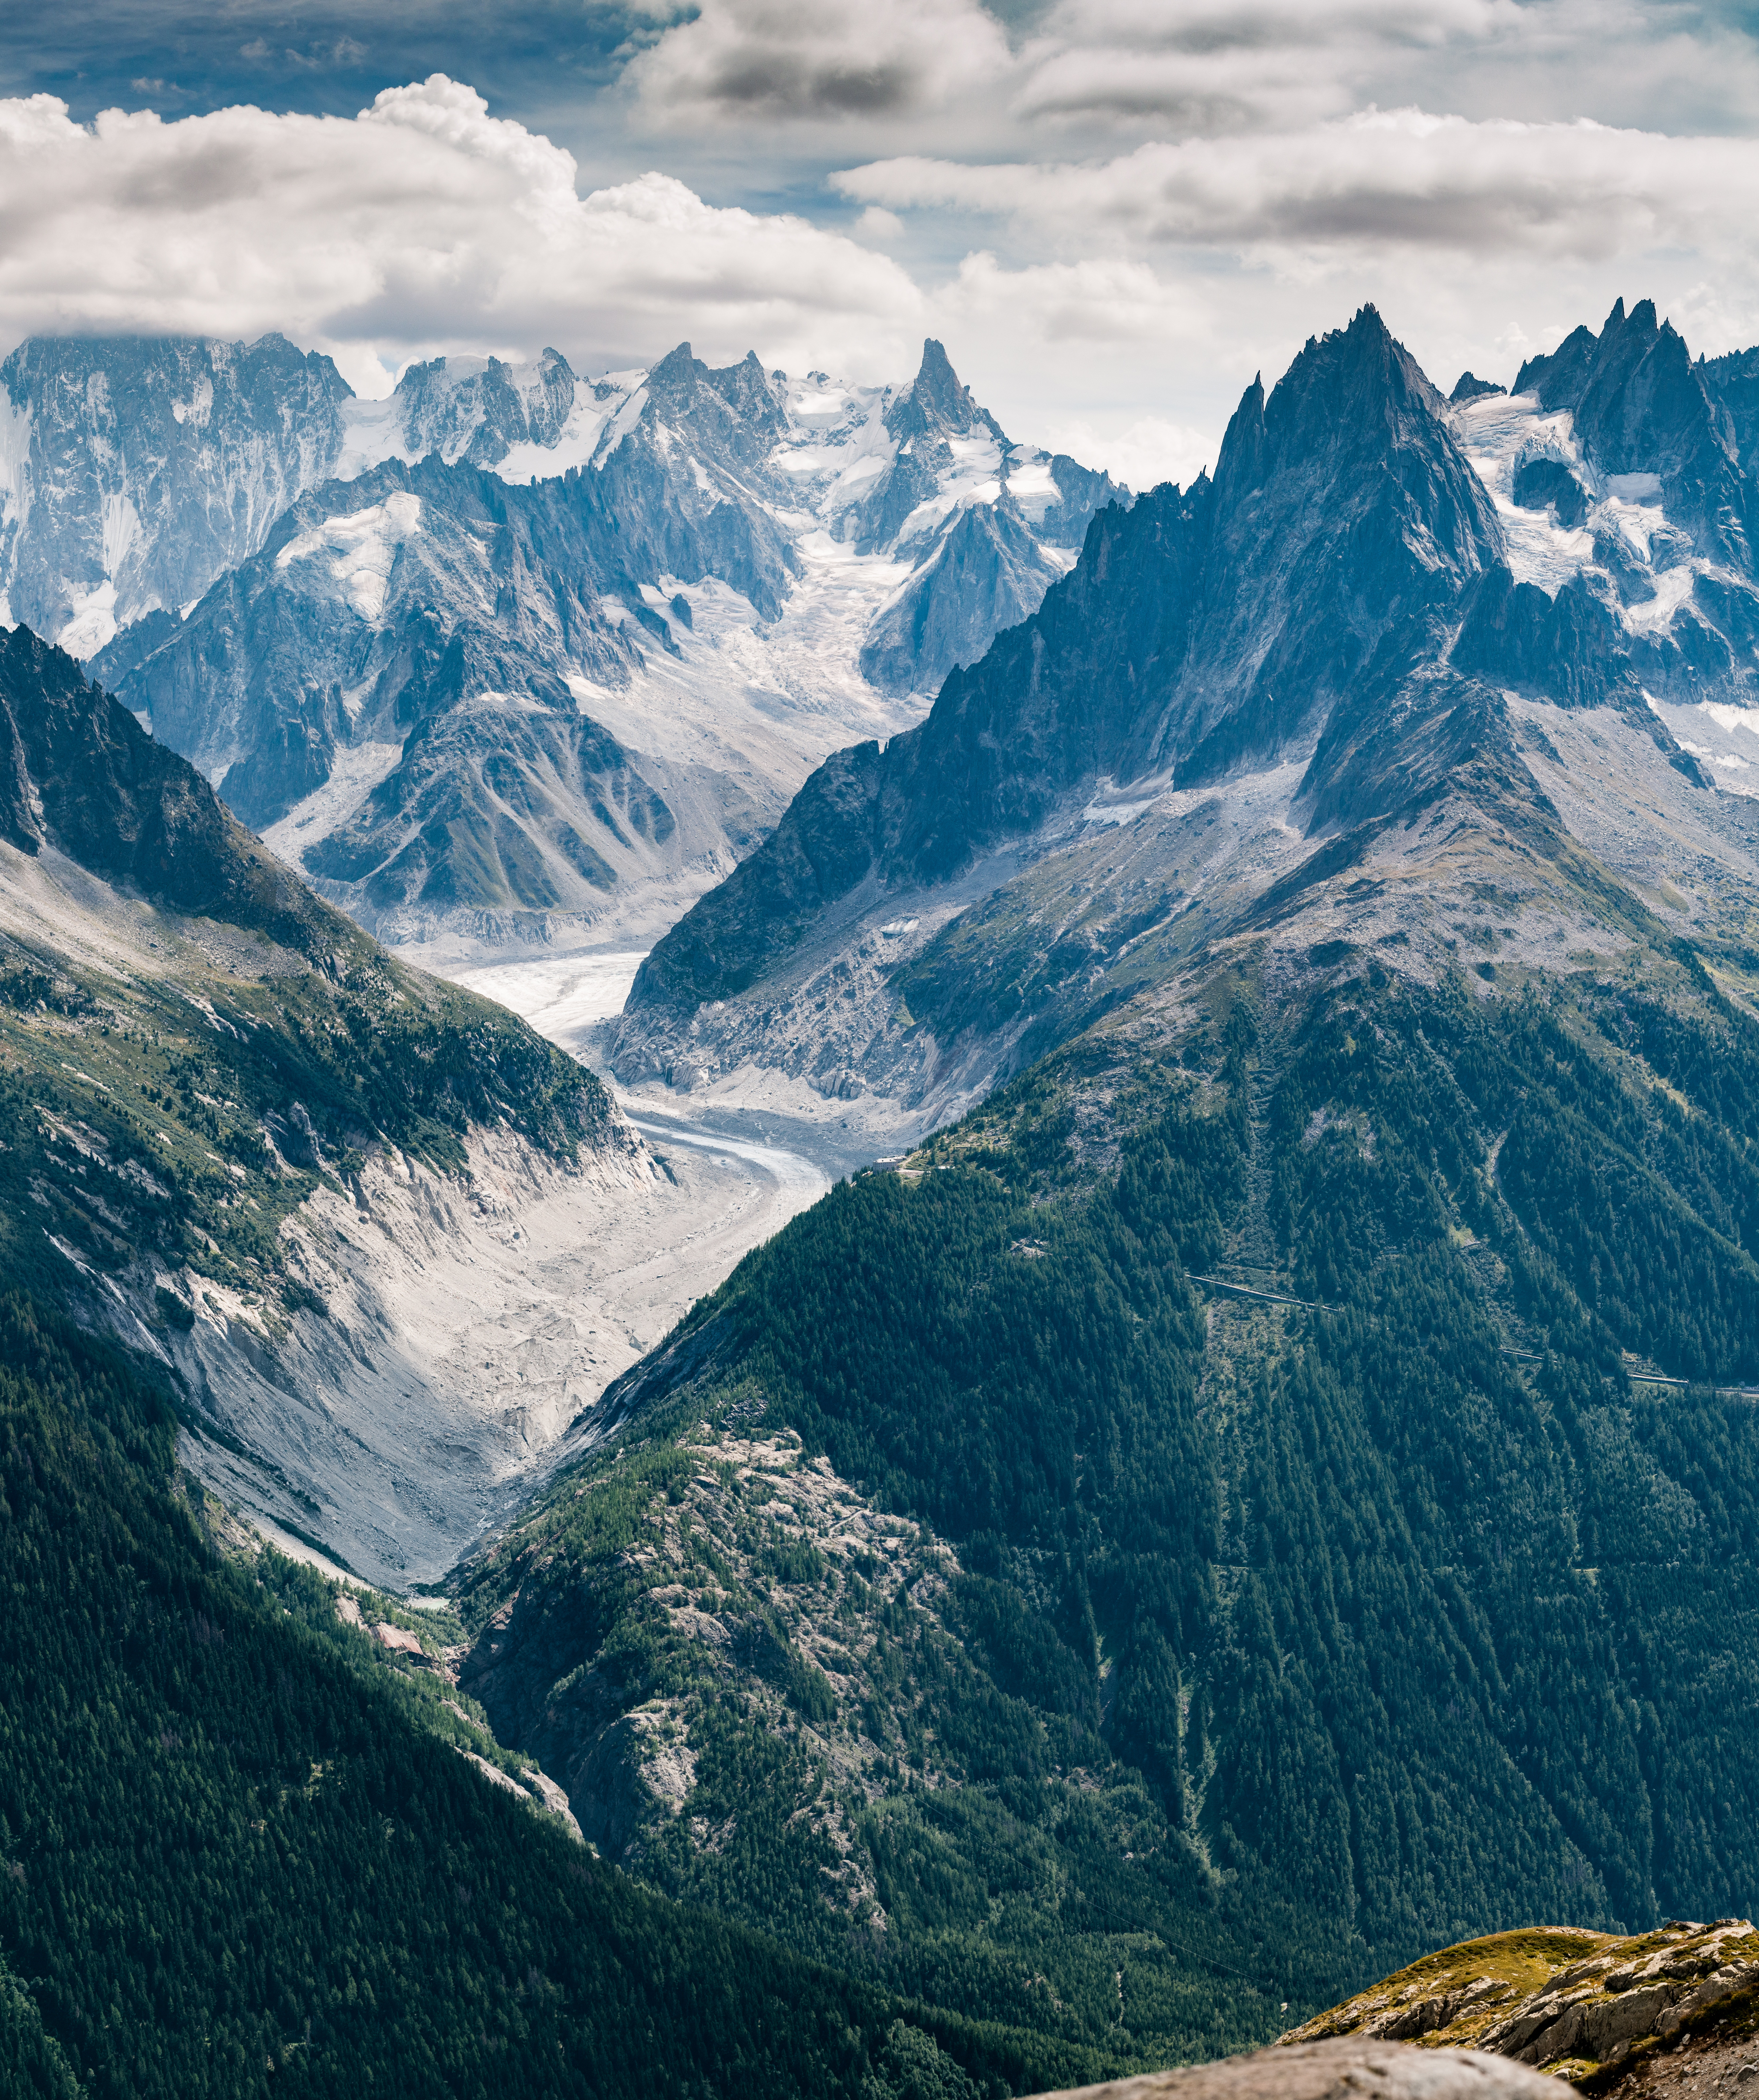 83212 Hintergrundbild 720x1280 kostenlos auf deinem Handy, lade Bilder Natur, Mountains, Blick Von Oben, Straße, Frankreich, Oberteile, Scheitelpunkt, Chamonix 720x1280 auf dein Handy herunter